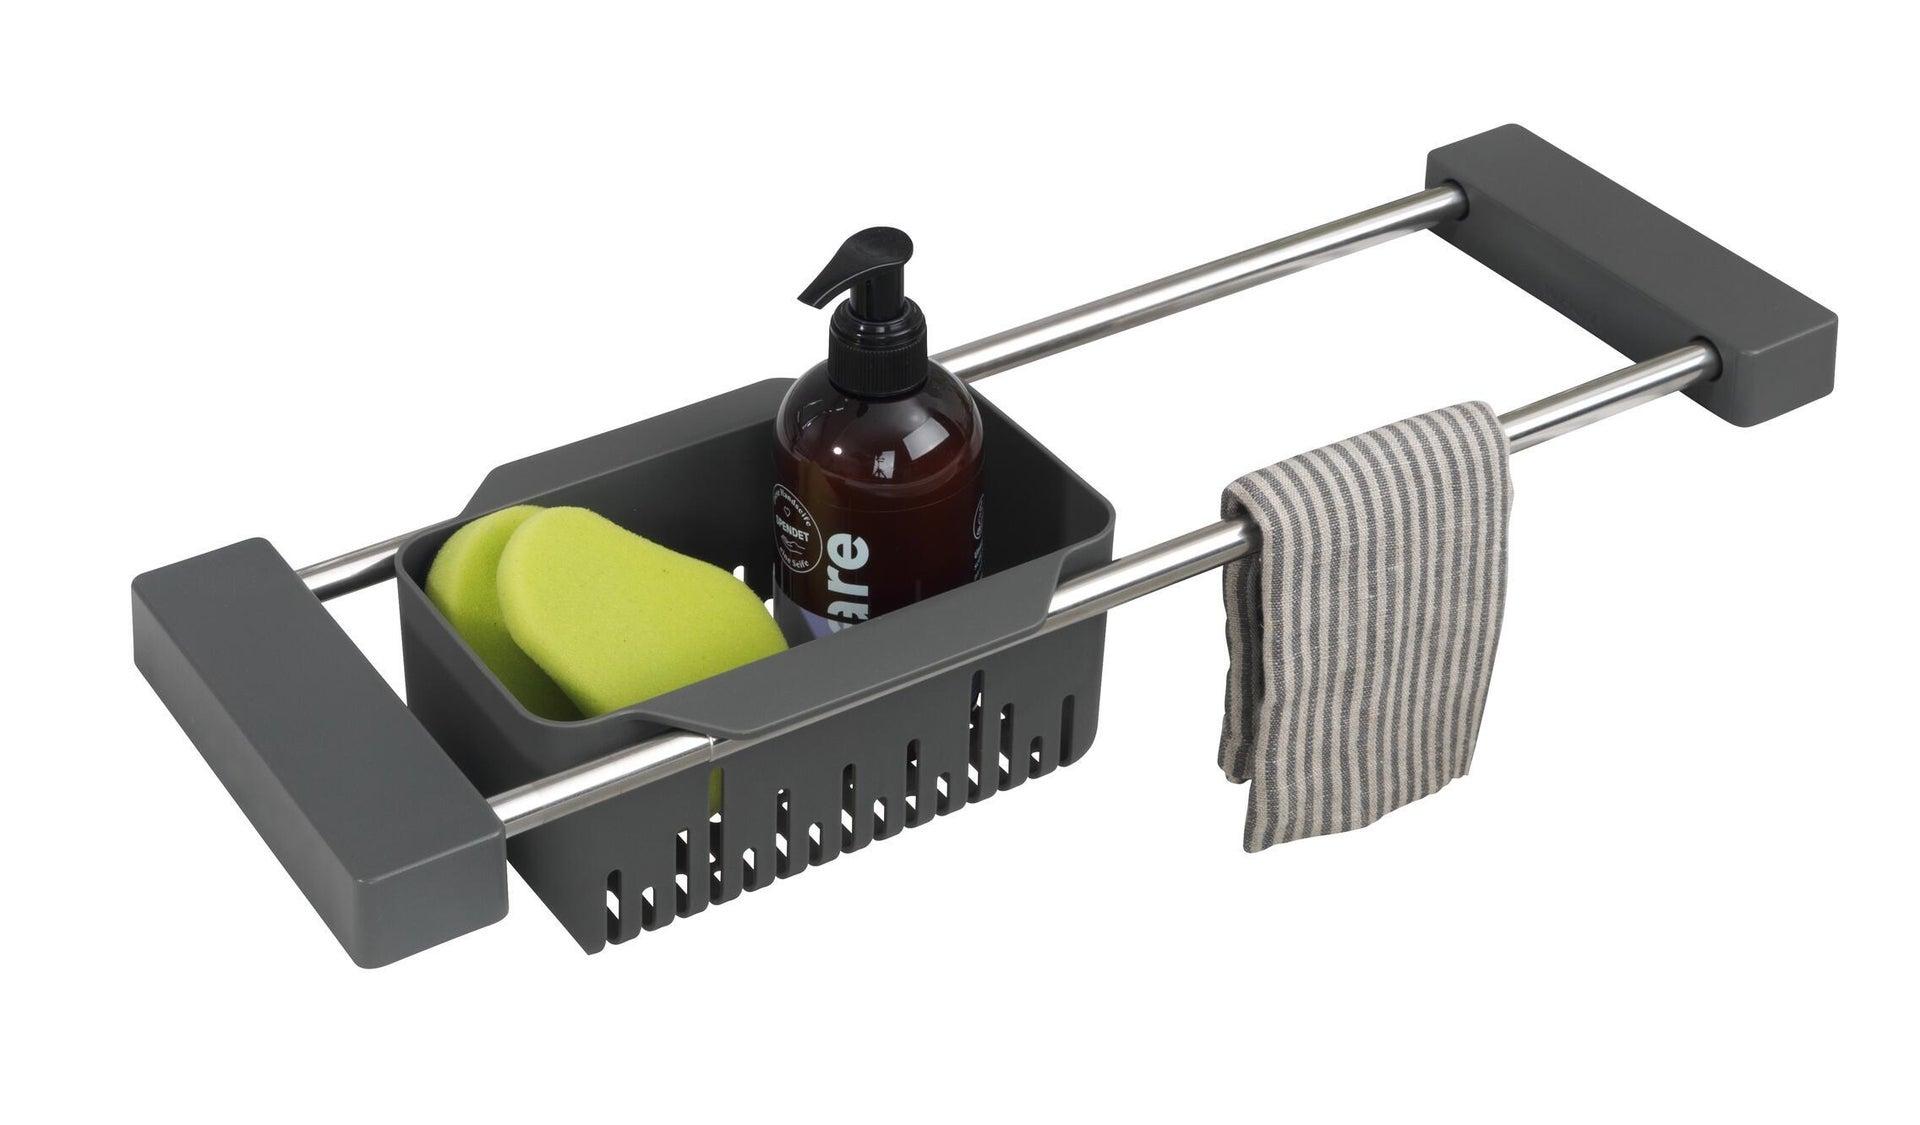 Vaschetta portaoggetti per lavello Cami per lavello grigio L 77.5 x P 14 x H 8 cm - 10